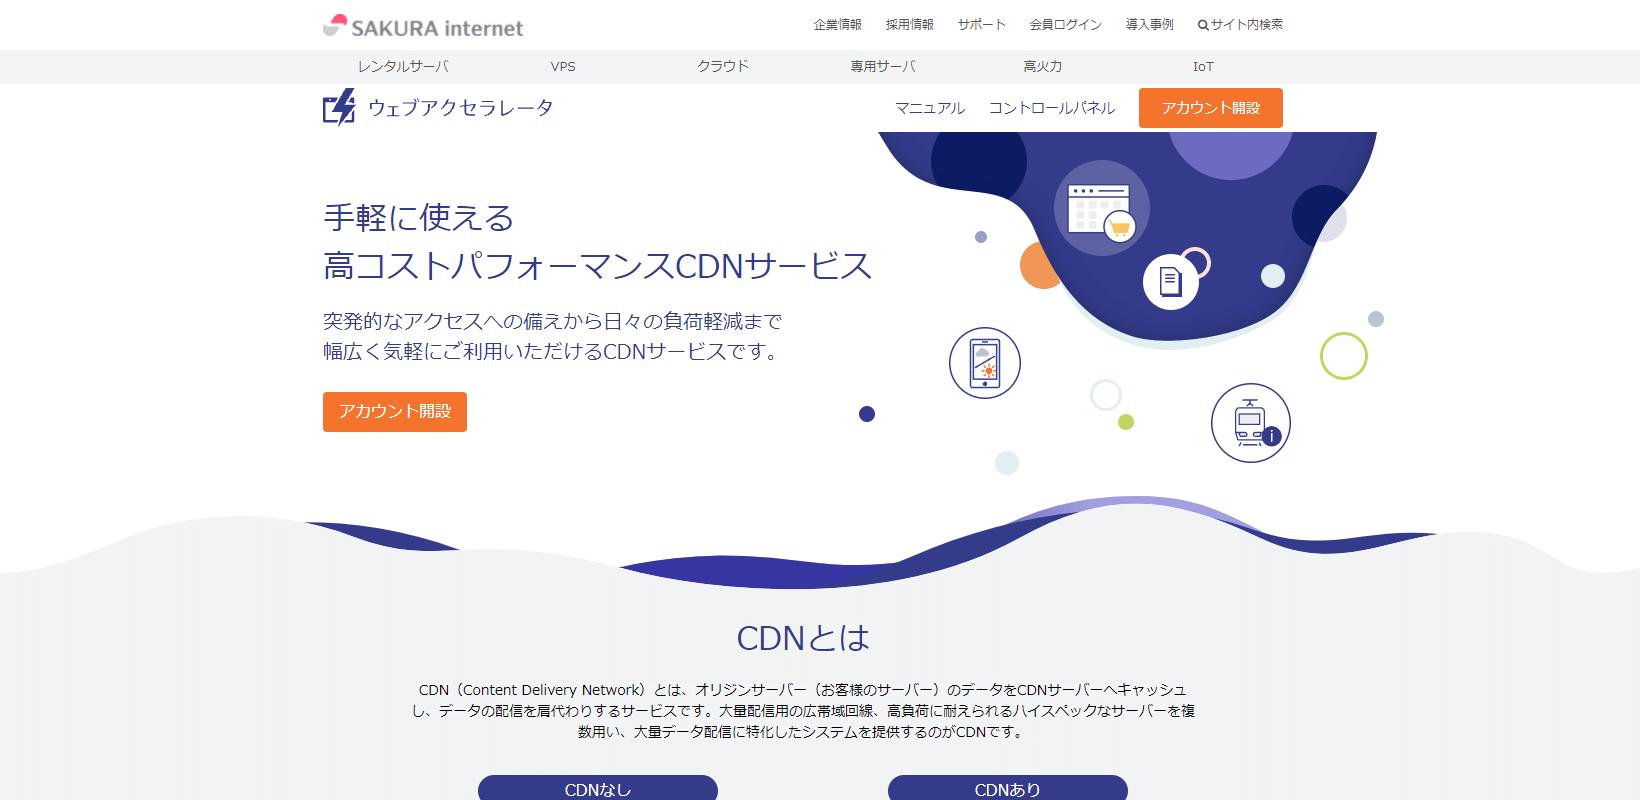 さくらのウェブアクセラレータ(CDN)を使ってみたらわりと苦労した件のイメージ画像